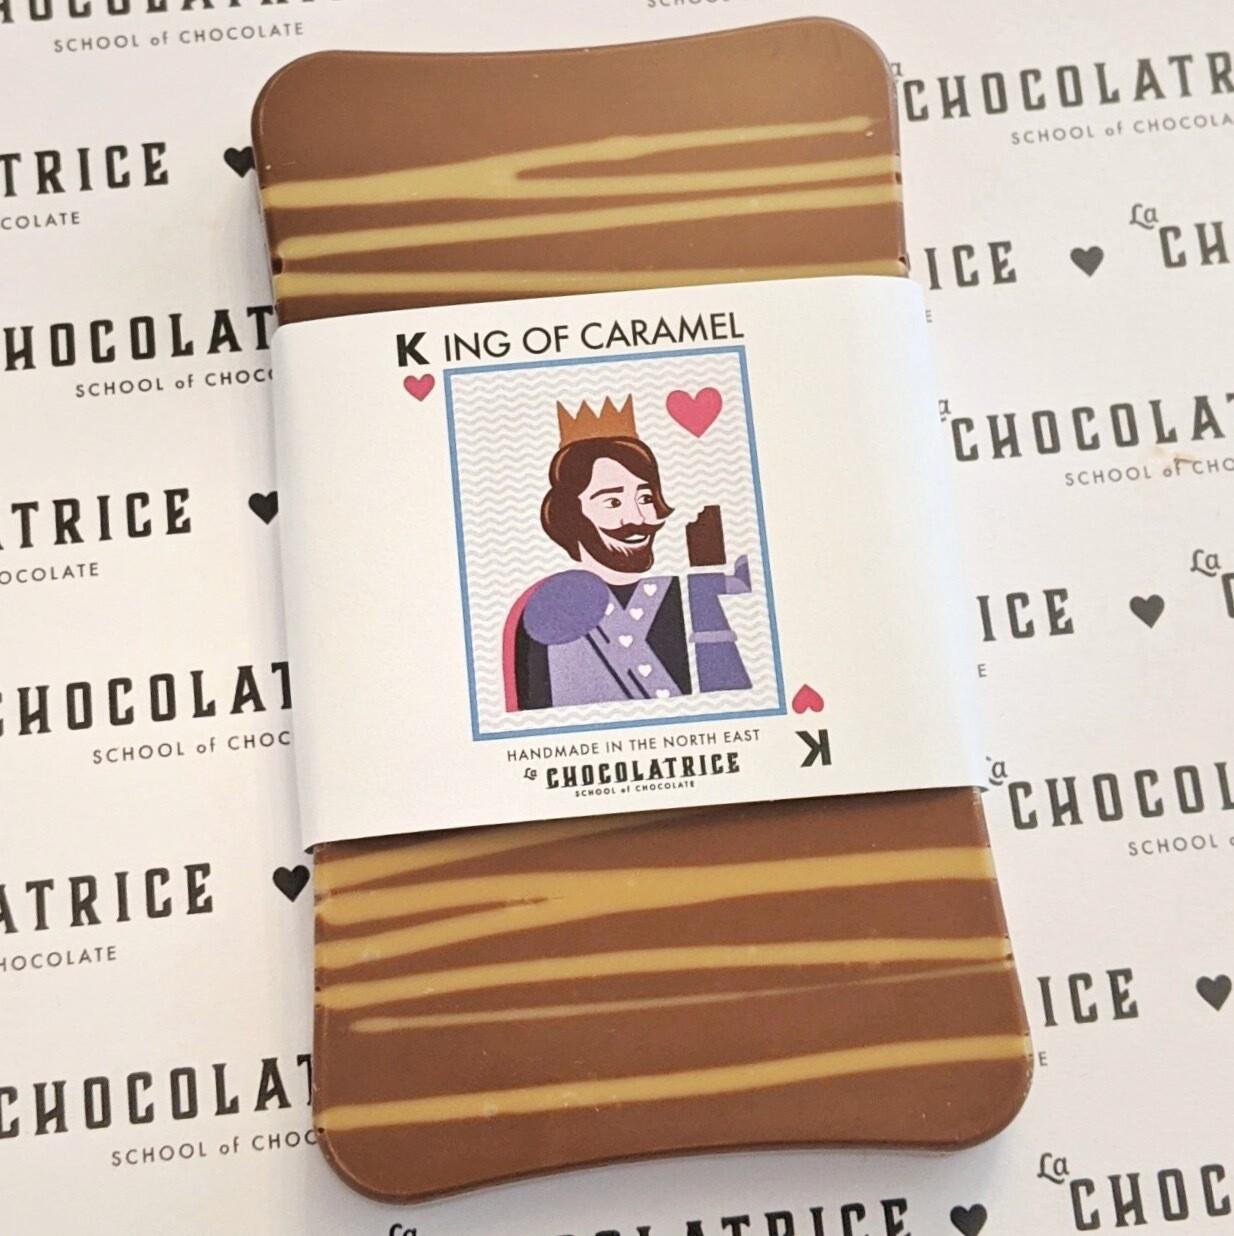 The King of Caramel Bar